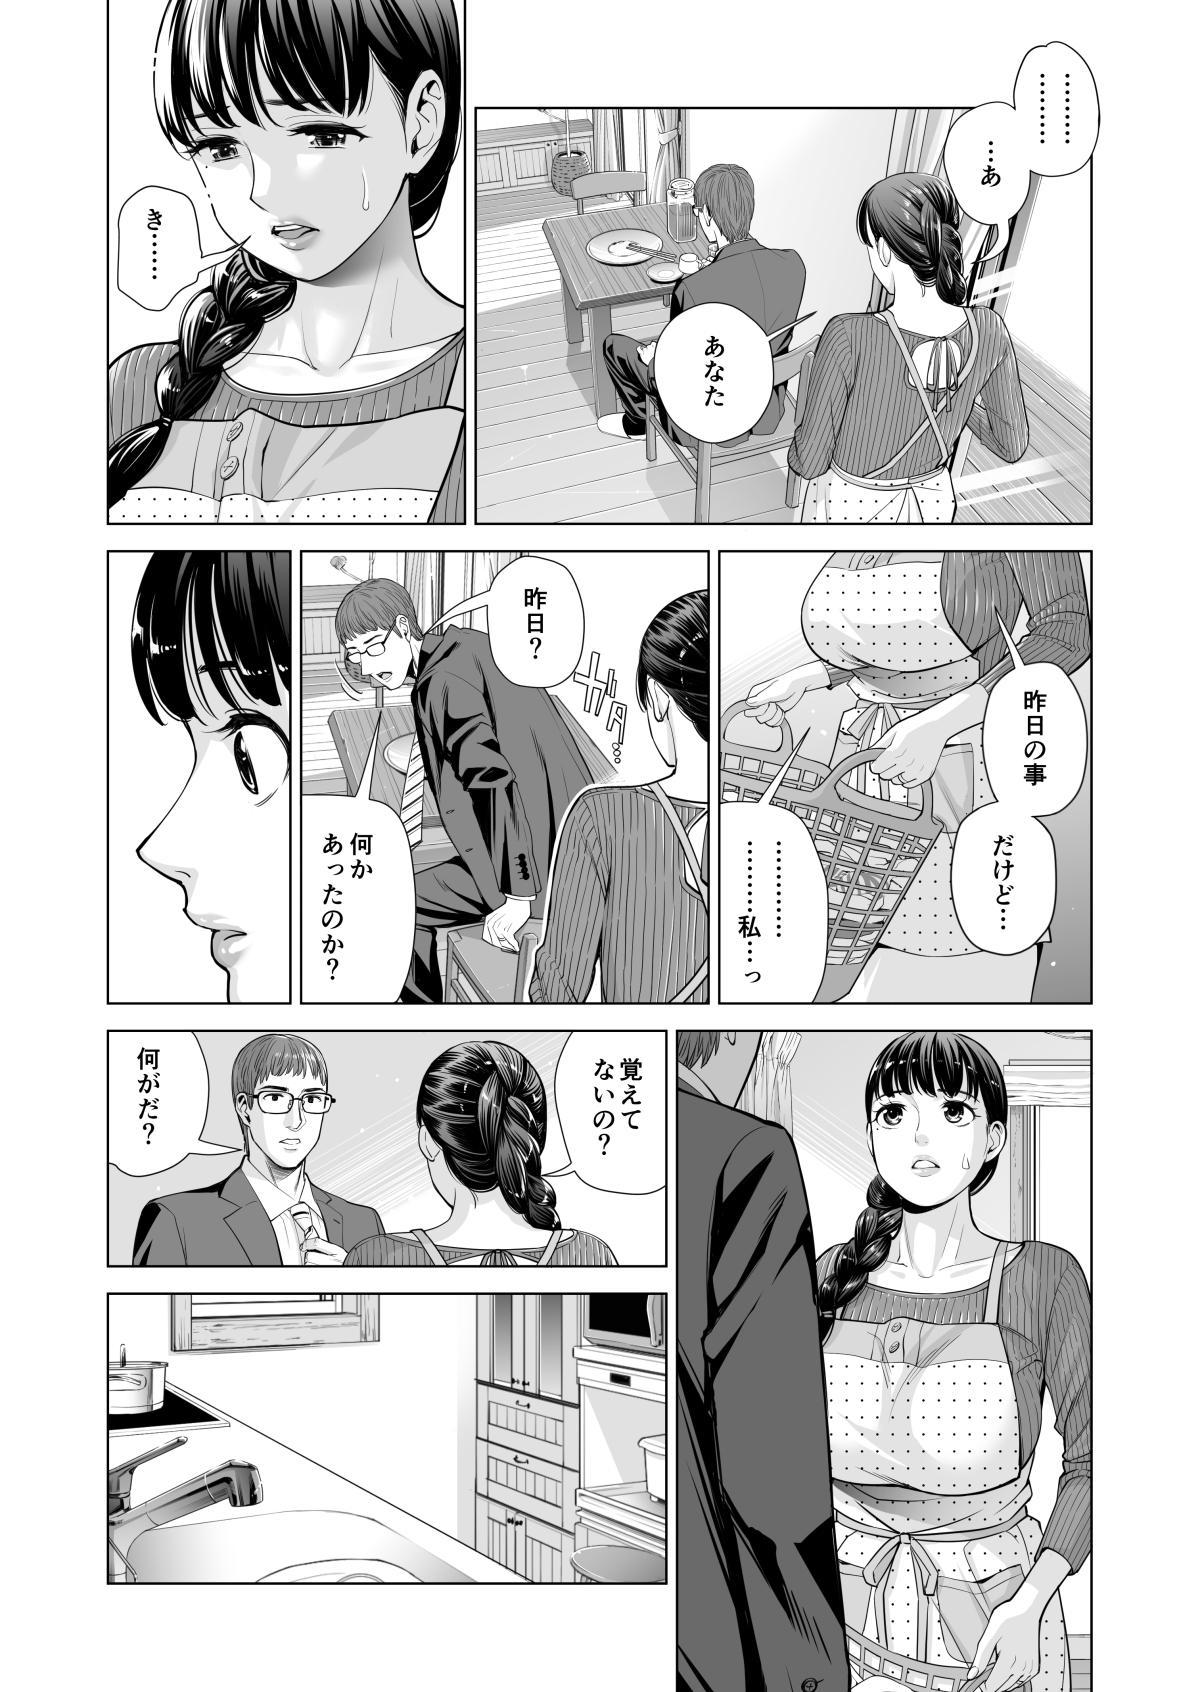 Tsukiyo no Midare Sake 6